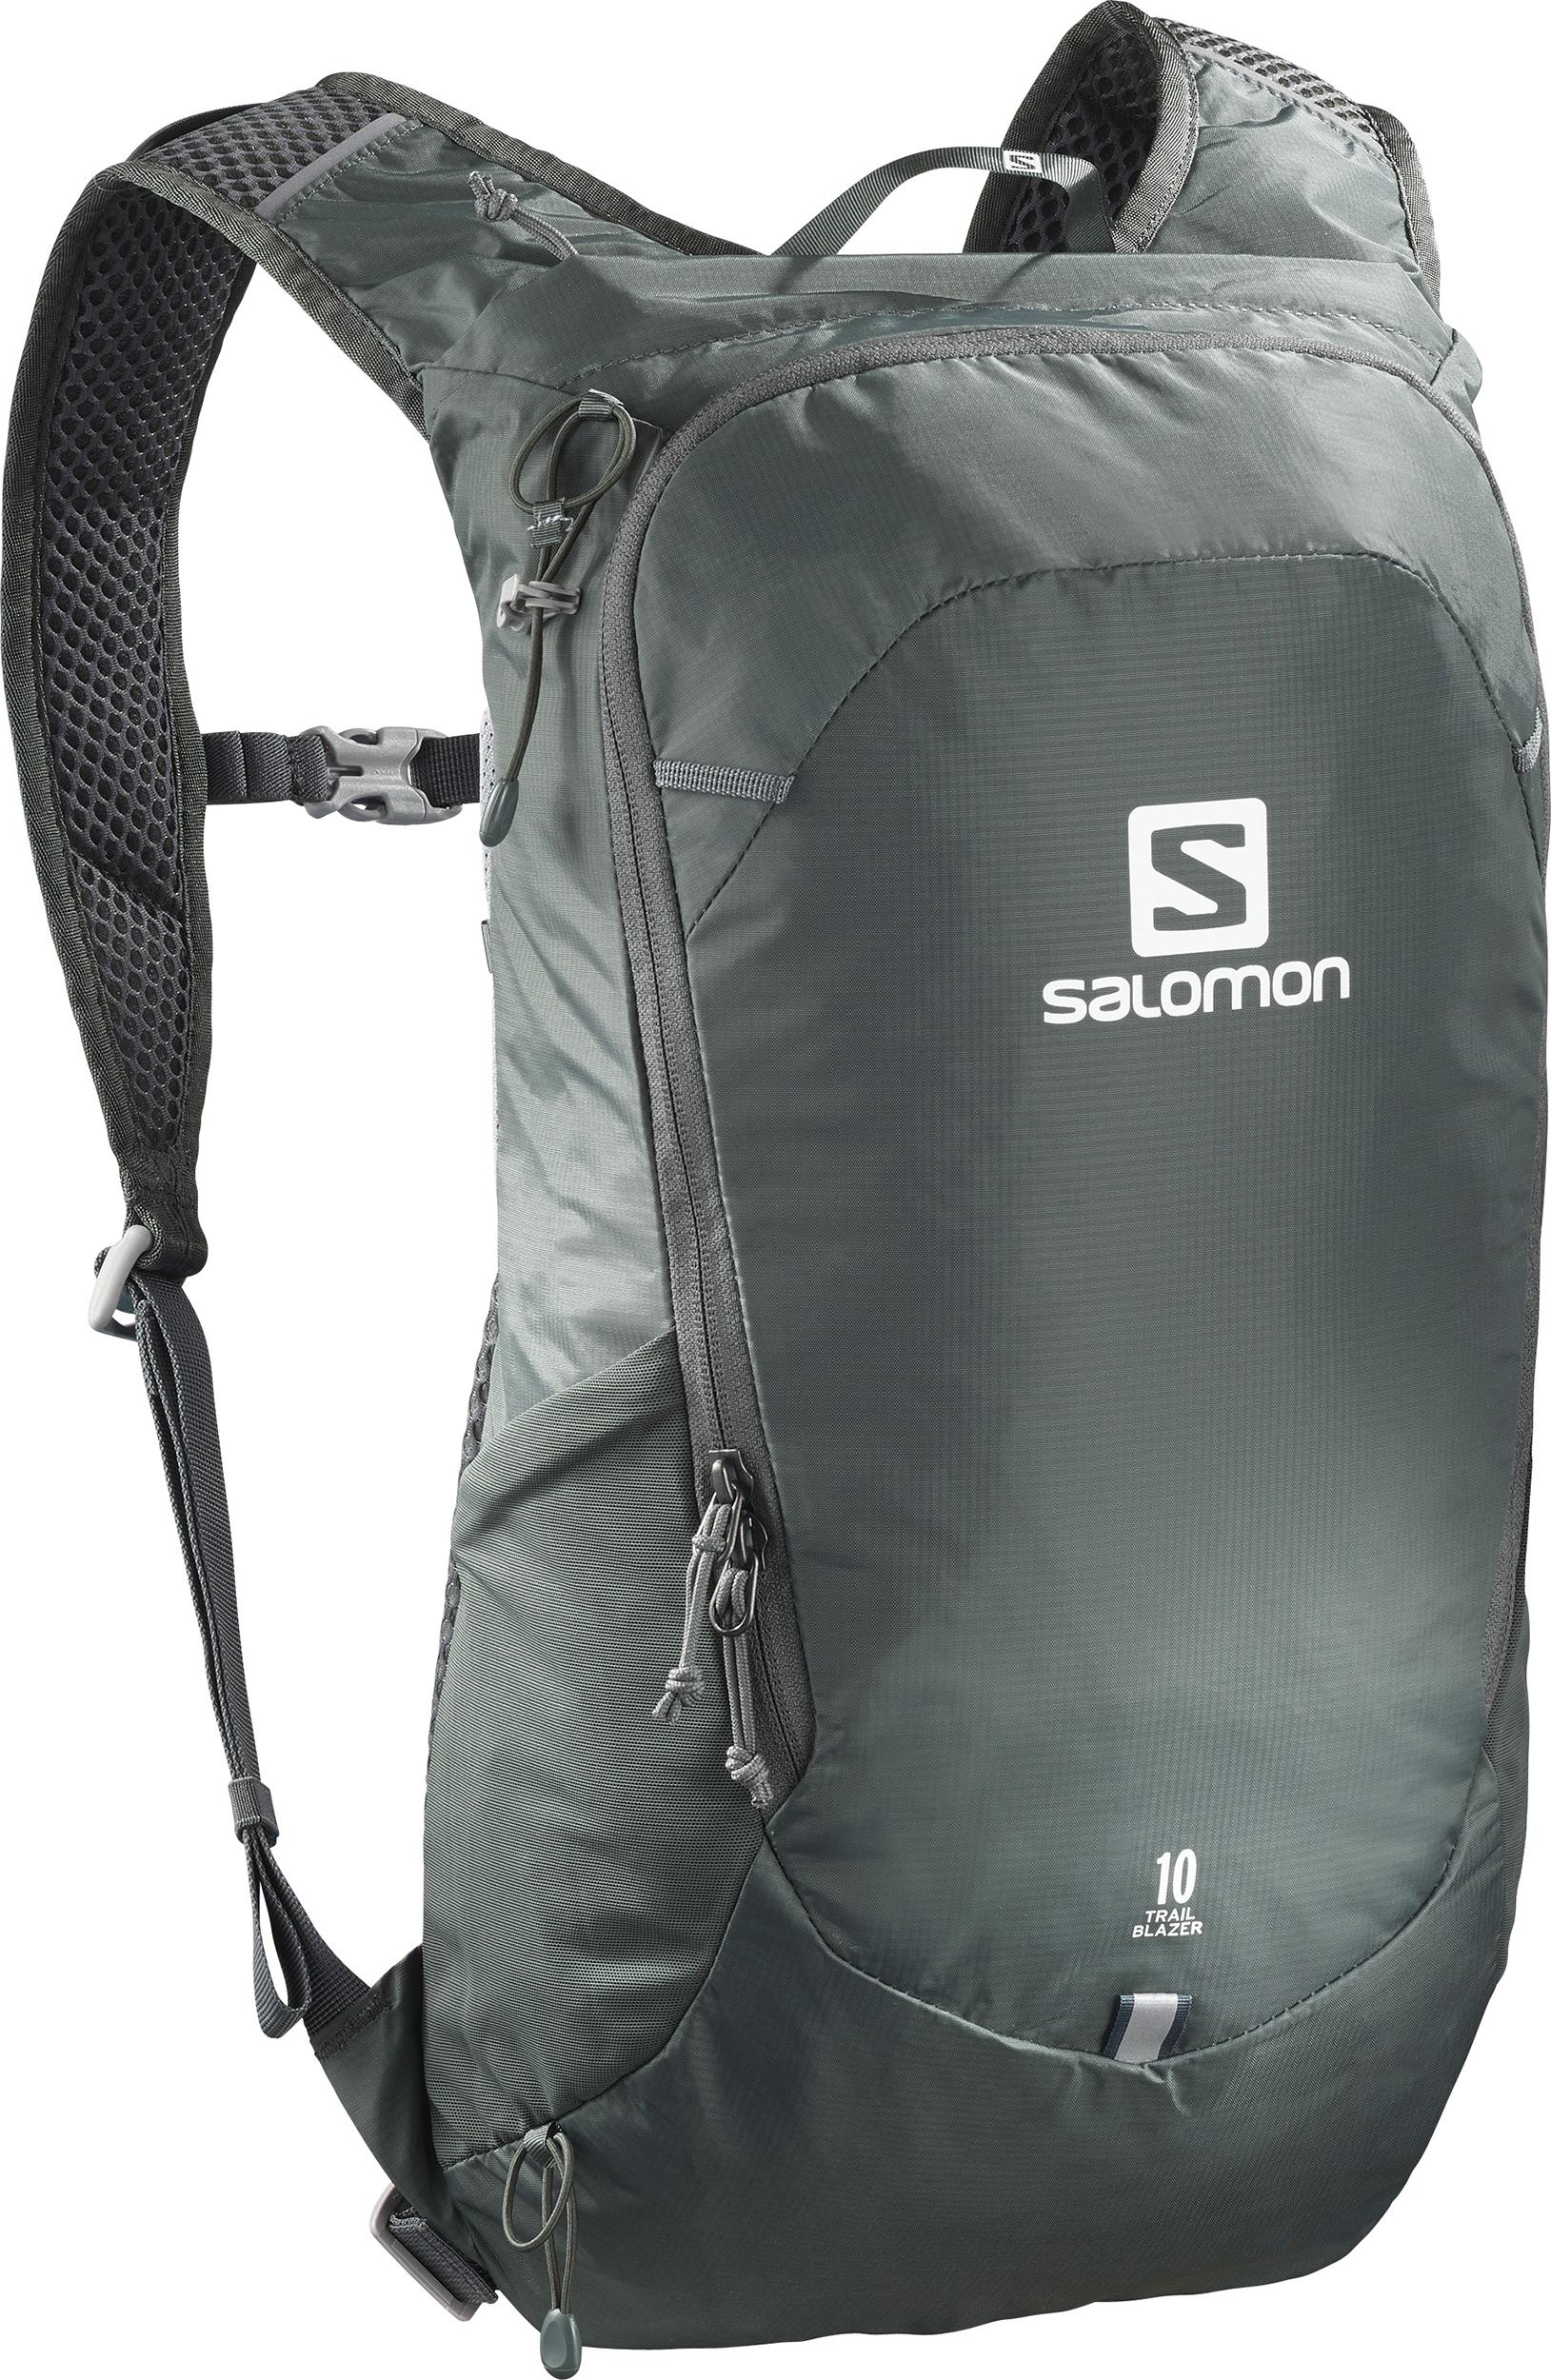 e5132661e3 Packs and bags for Running